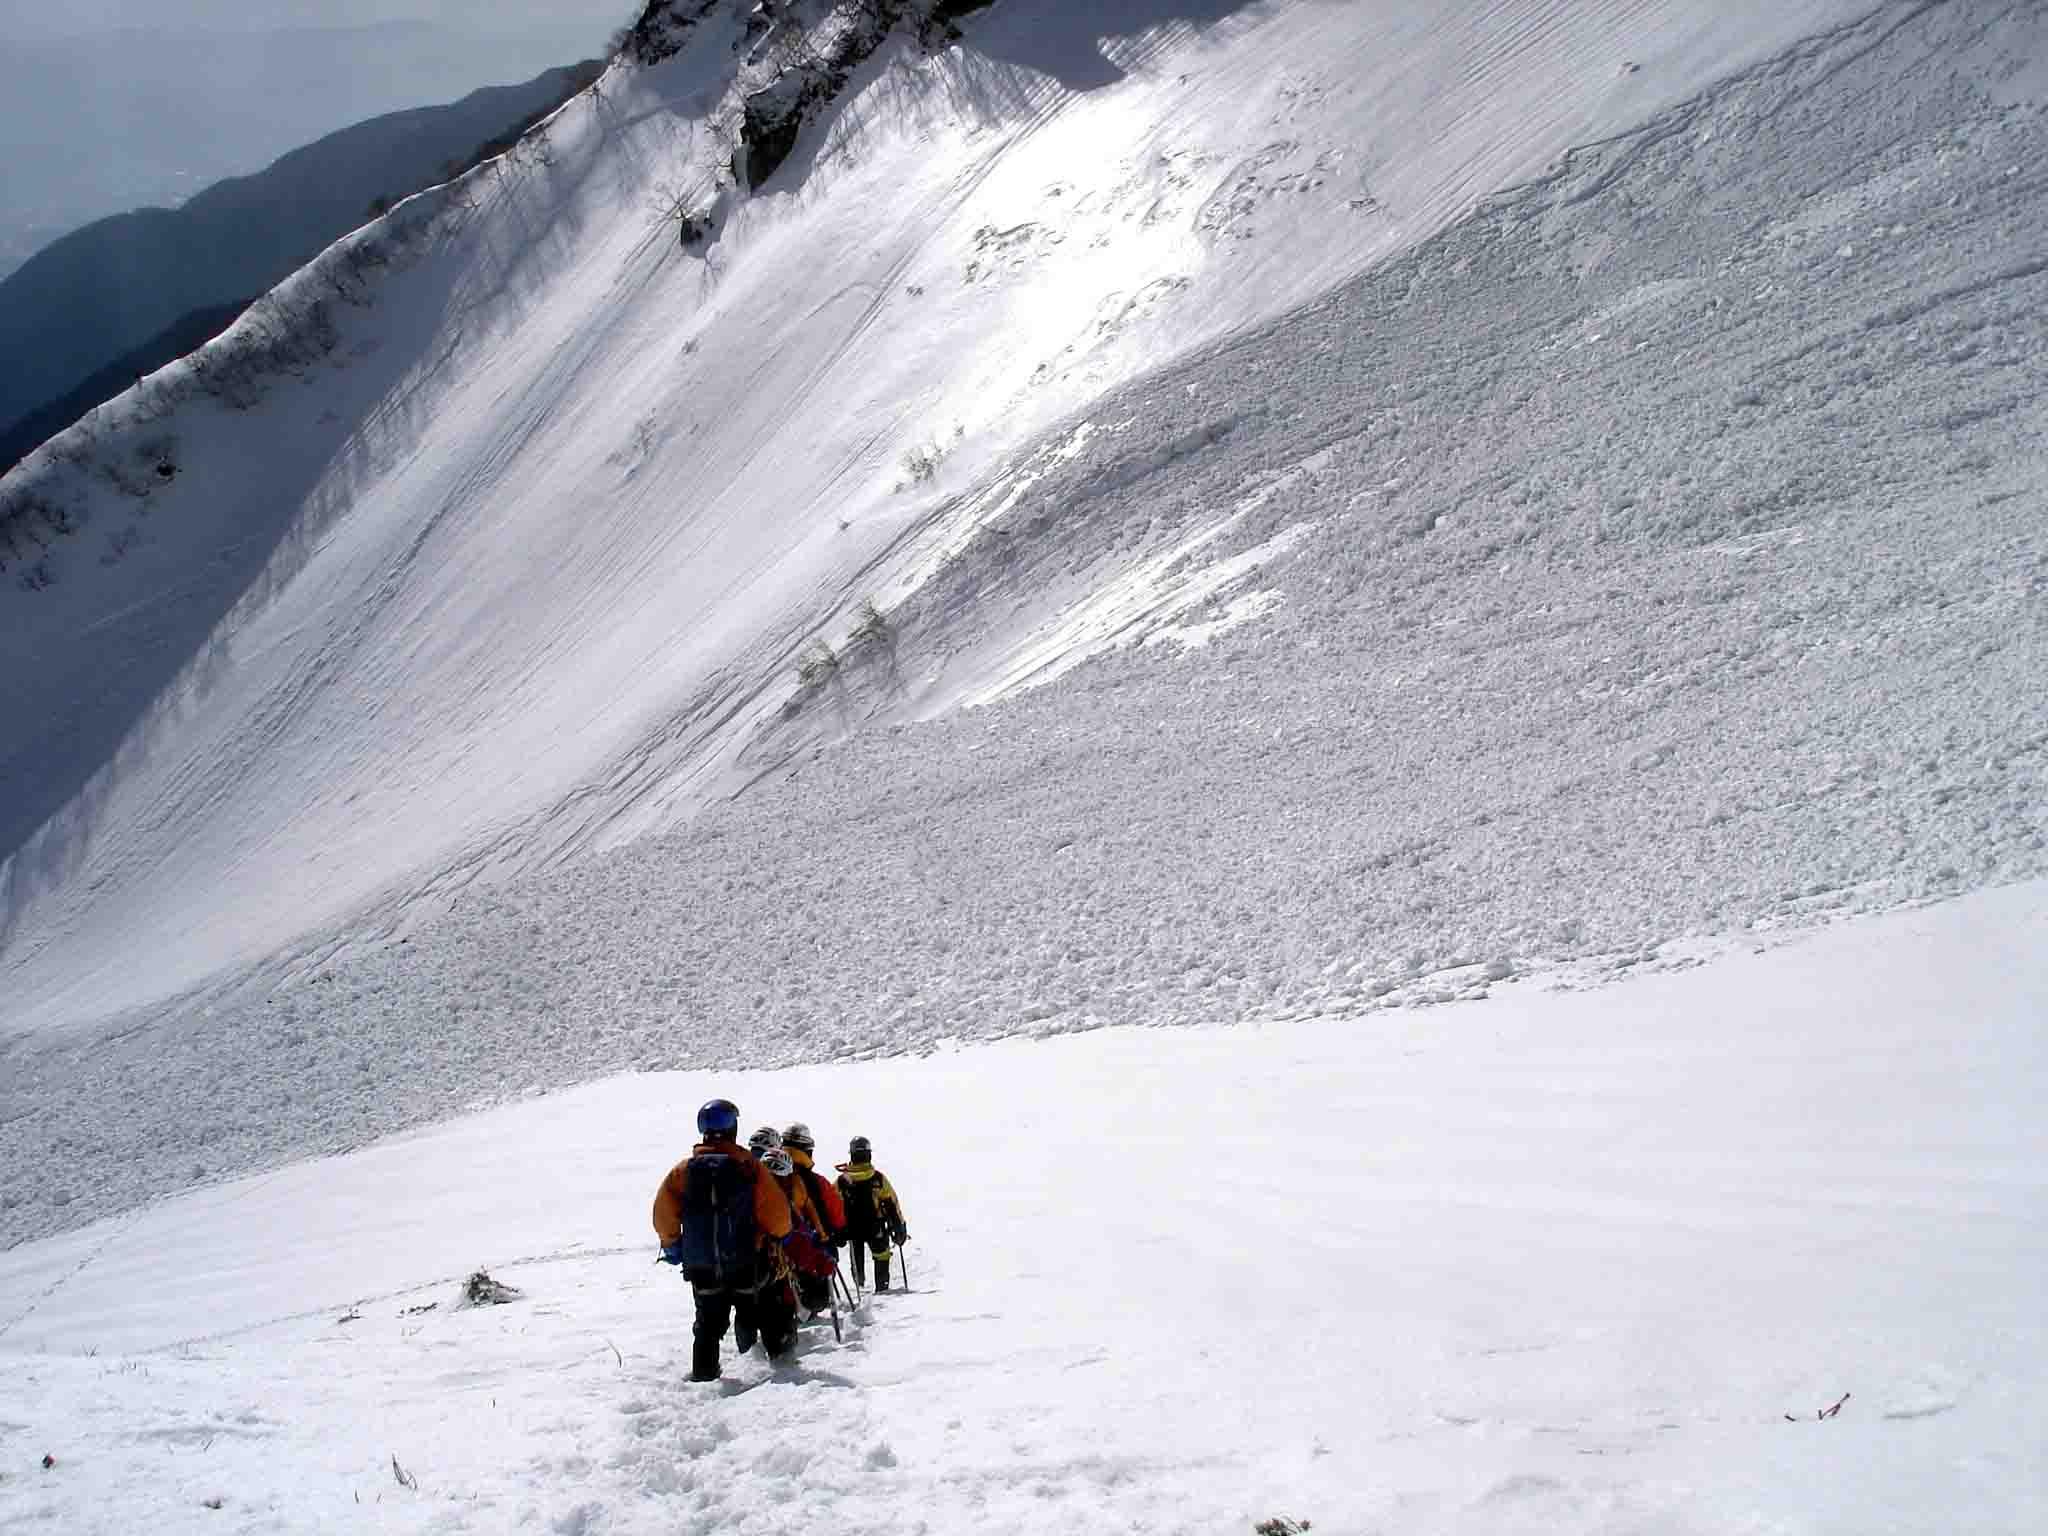 雪庇観察後の下山 DSC05949